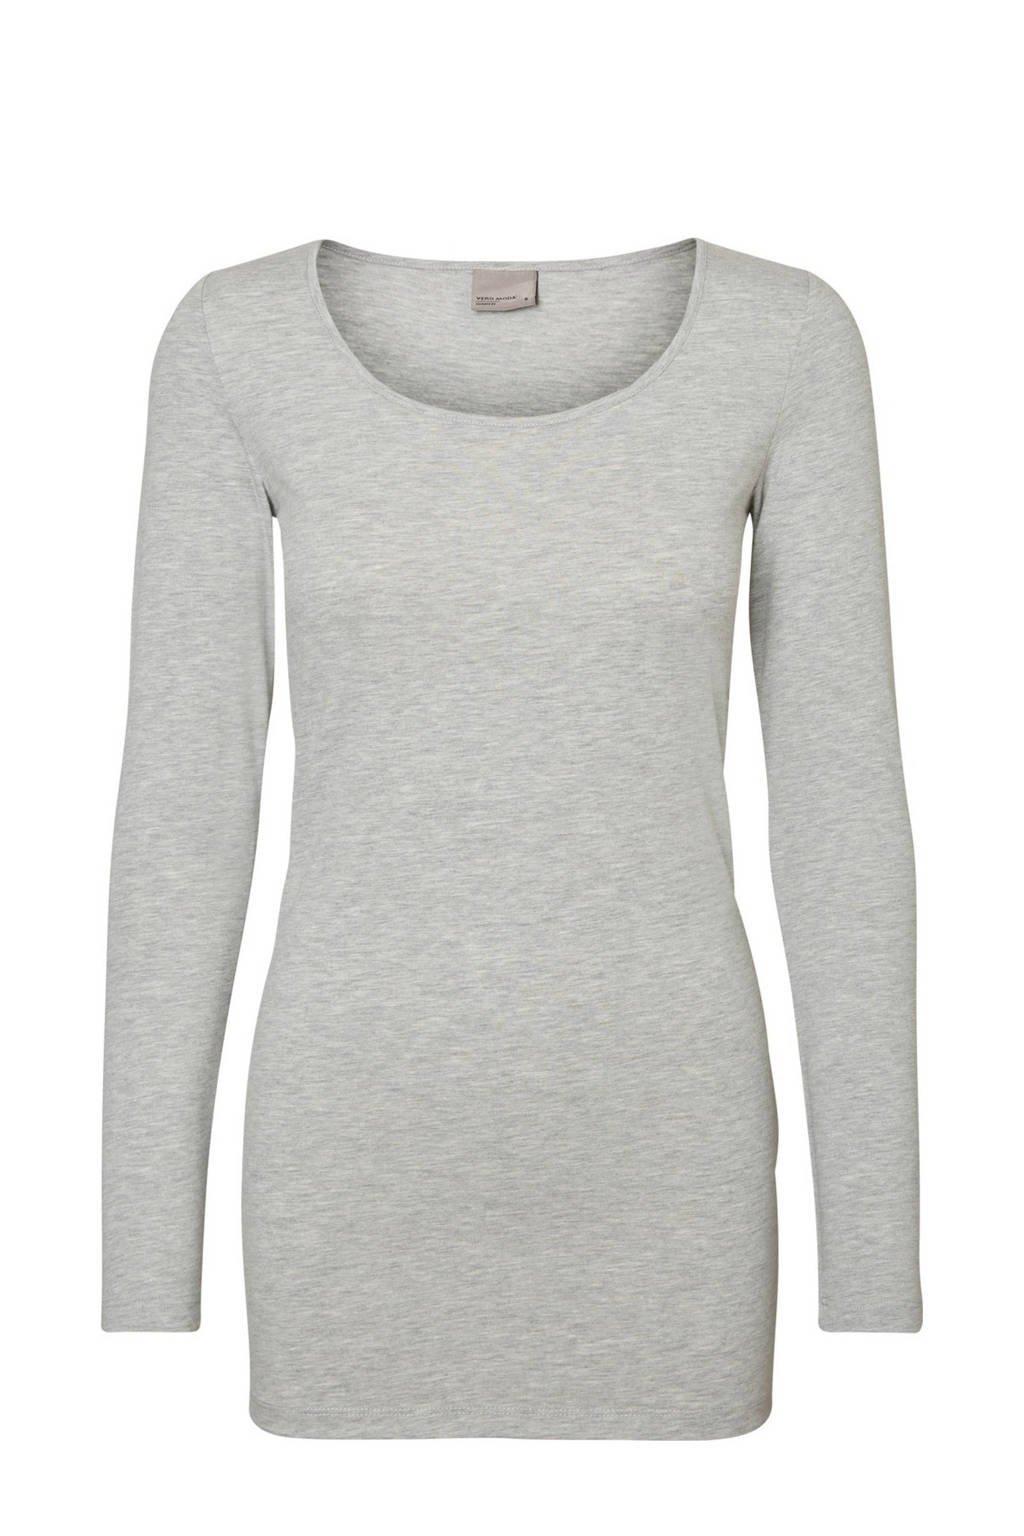 VERO MODA T-shirt VMMAXI met biologisch katoen grijs, Grijs